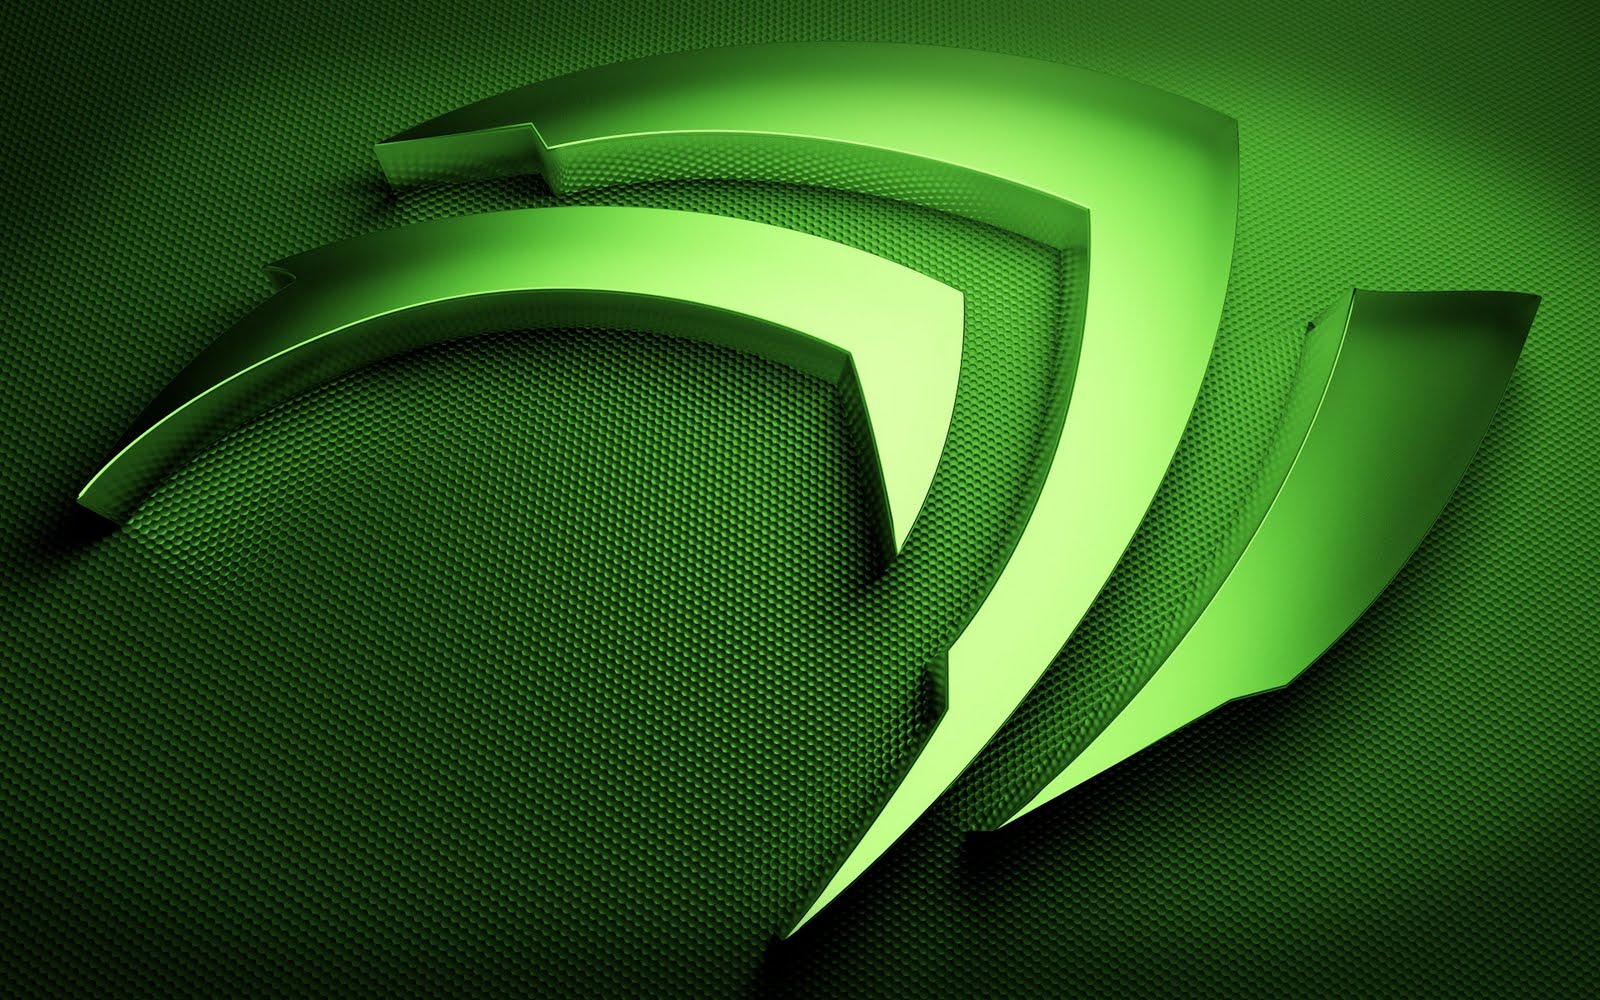 http://4.bp.blogspot.com/-5hI-DDUKpzg/TcdyMUR7afI/AAAAAAAAAps/V5gbpPGQYdw/s1600/NVidia_logo_hd_green_wallpaper.jpg